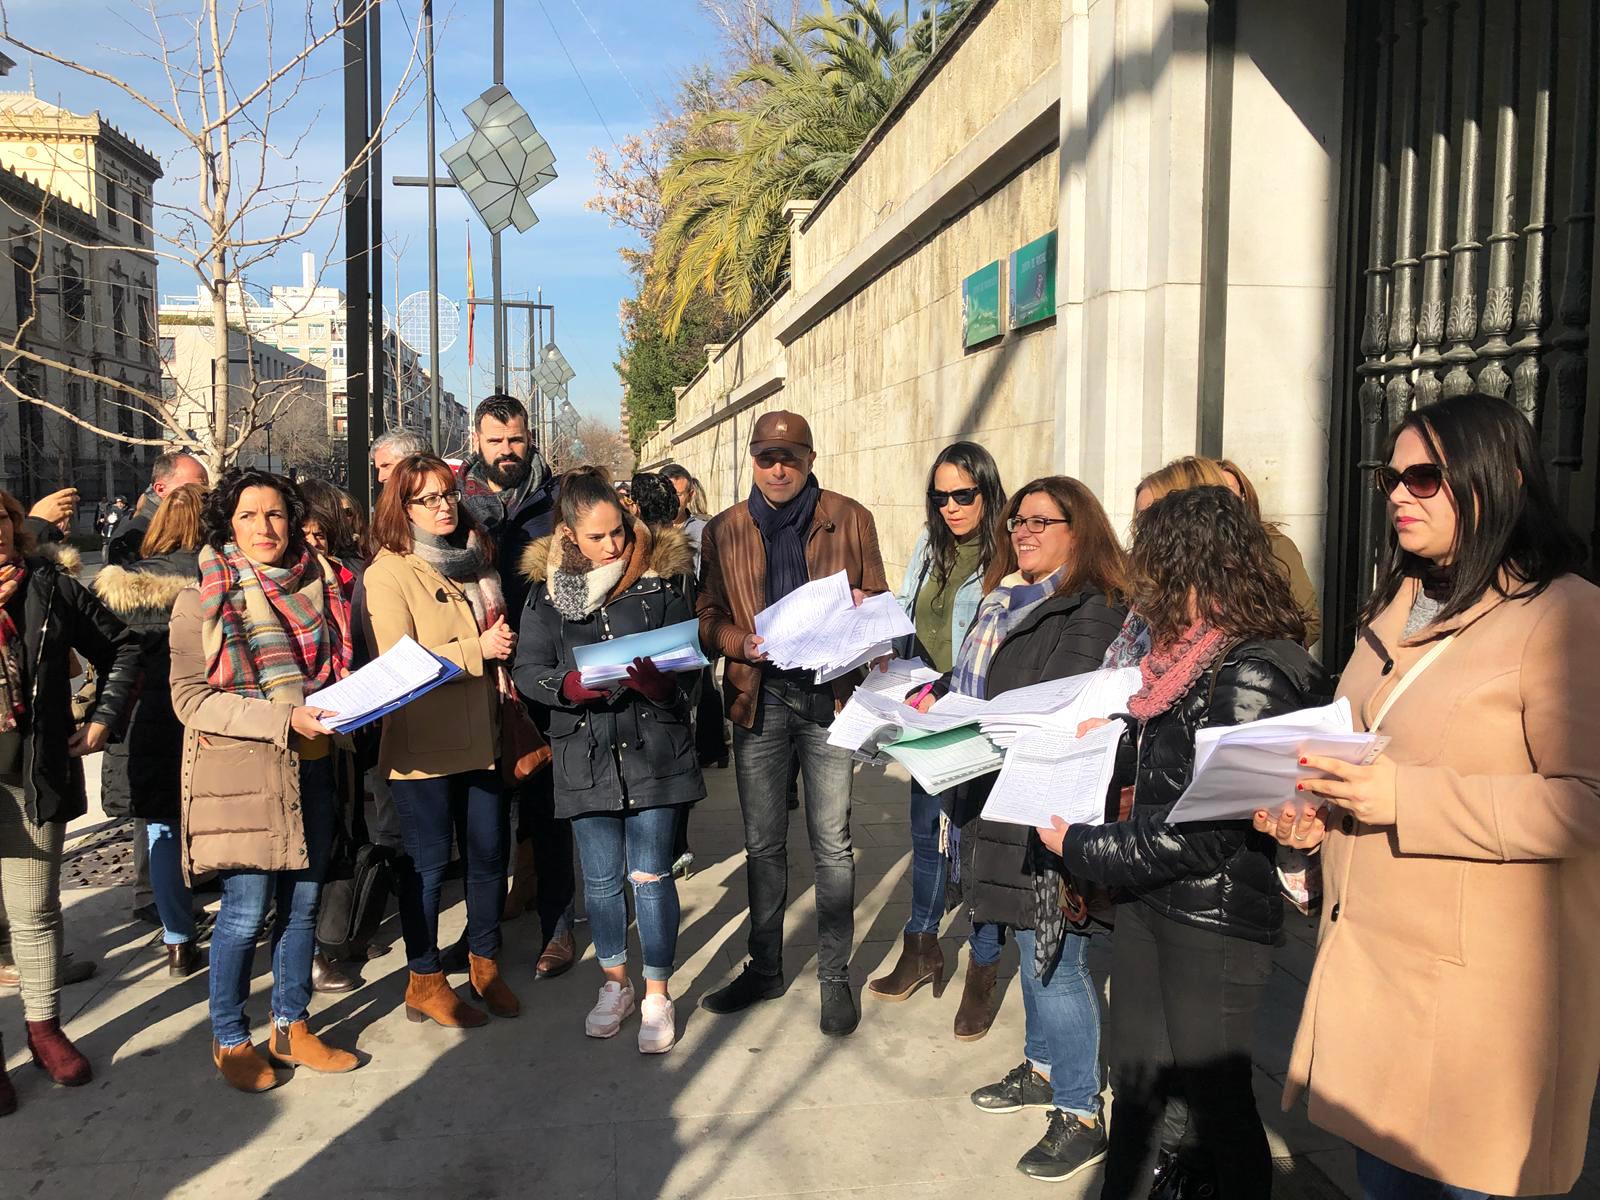 Las Ampas de los colegios rurales entregan 4000 firmas contra el cierre de unidades decretado por Educación